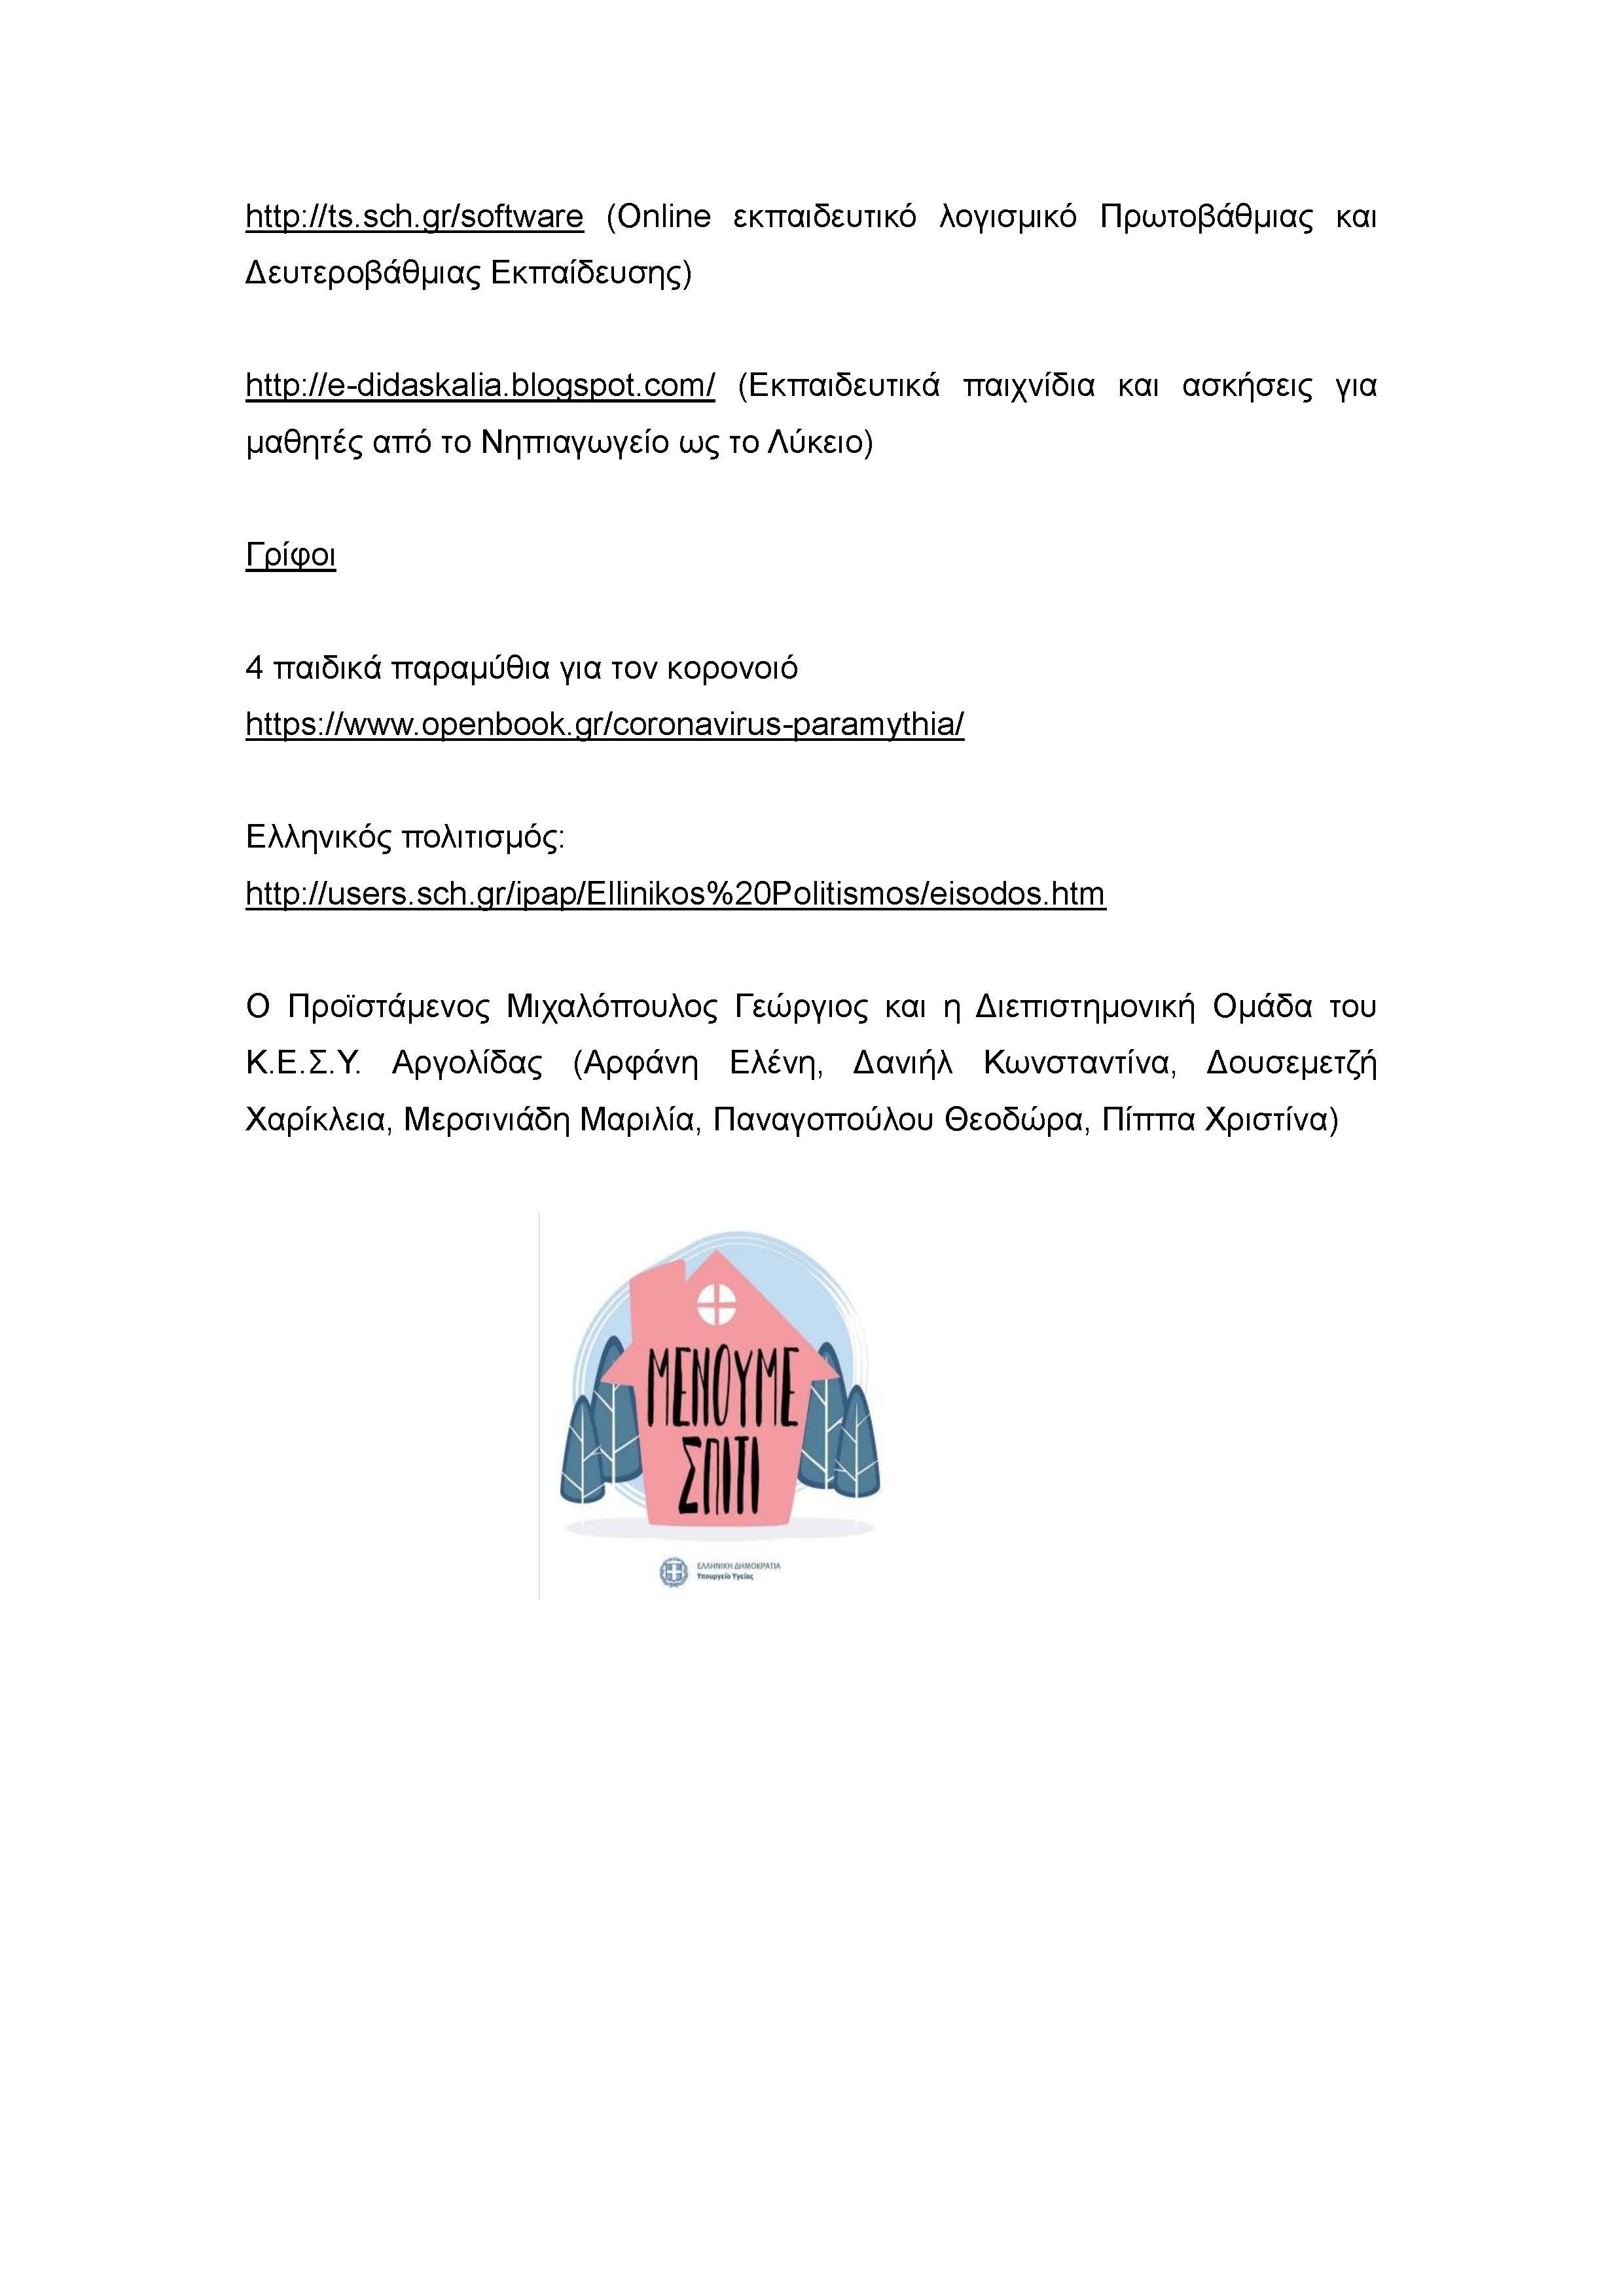 Ενδεικτικές-προτάσεις-από-το-ΚΕΣΥ-Αργολίδας-για-την-υποστήριξη-των-παιδιών-εν-μέσω-πανδημίας-COVID-19-9